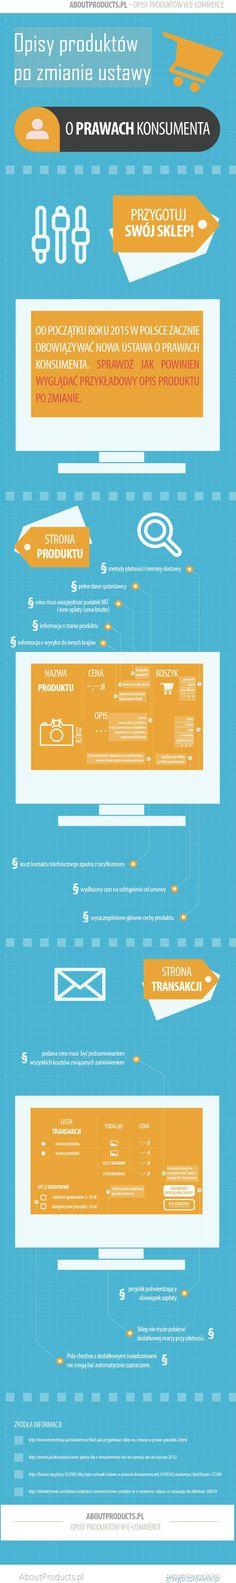 Opisy produktów po zmianie prawa. Zobacz w najlepszej jakości na http://aboutproducts.pl